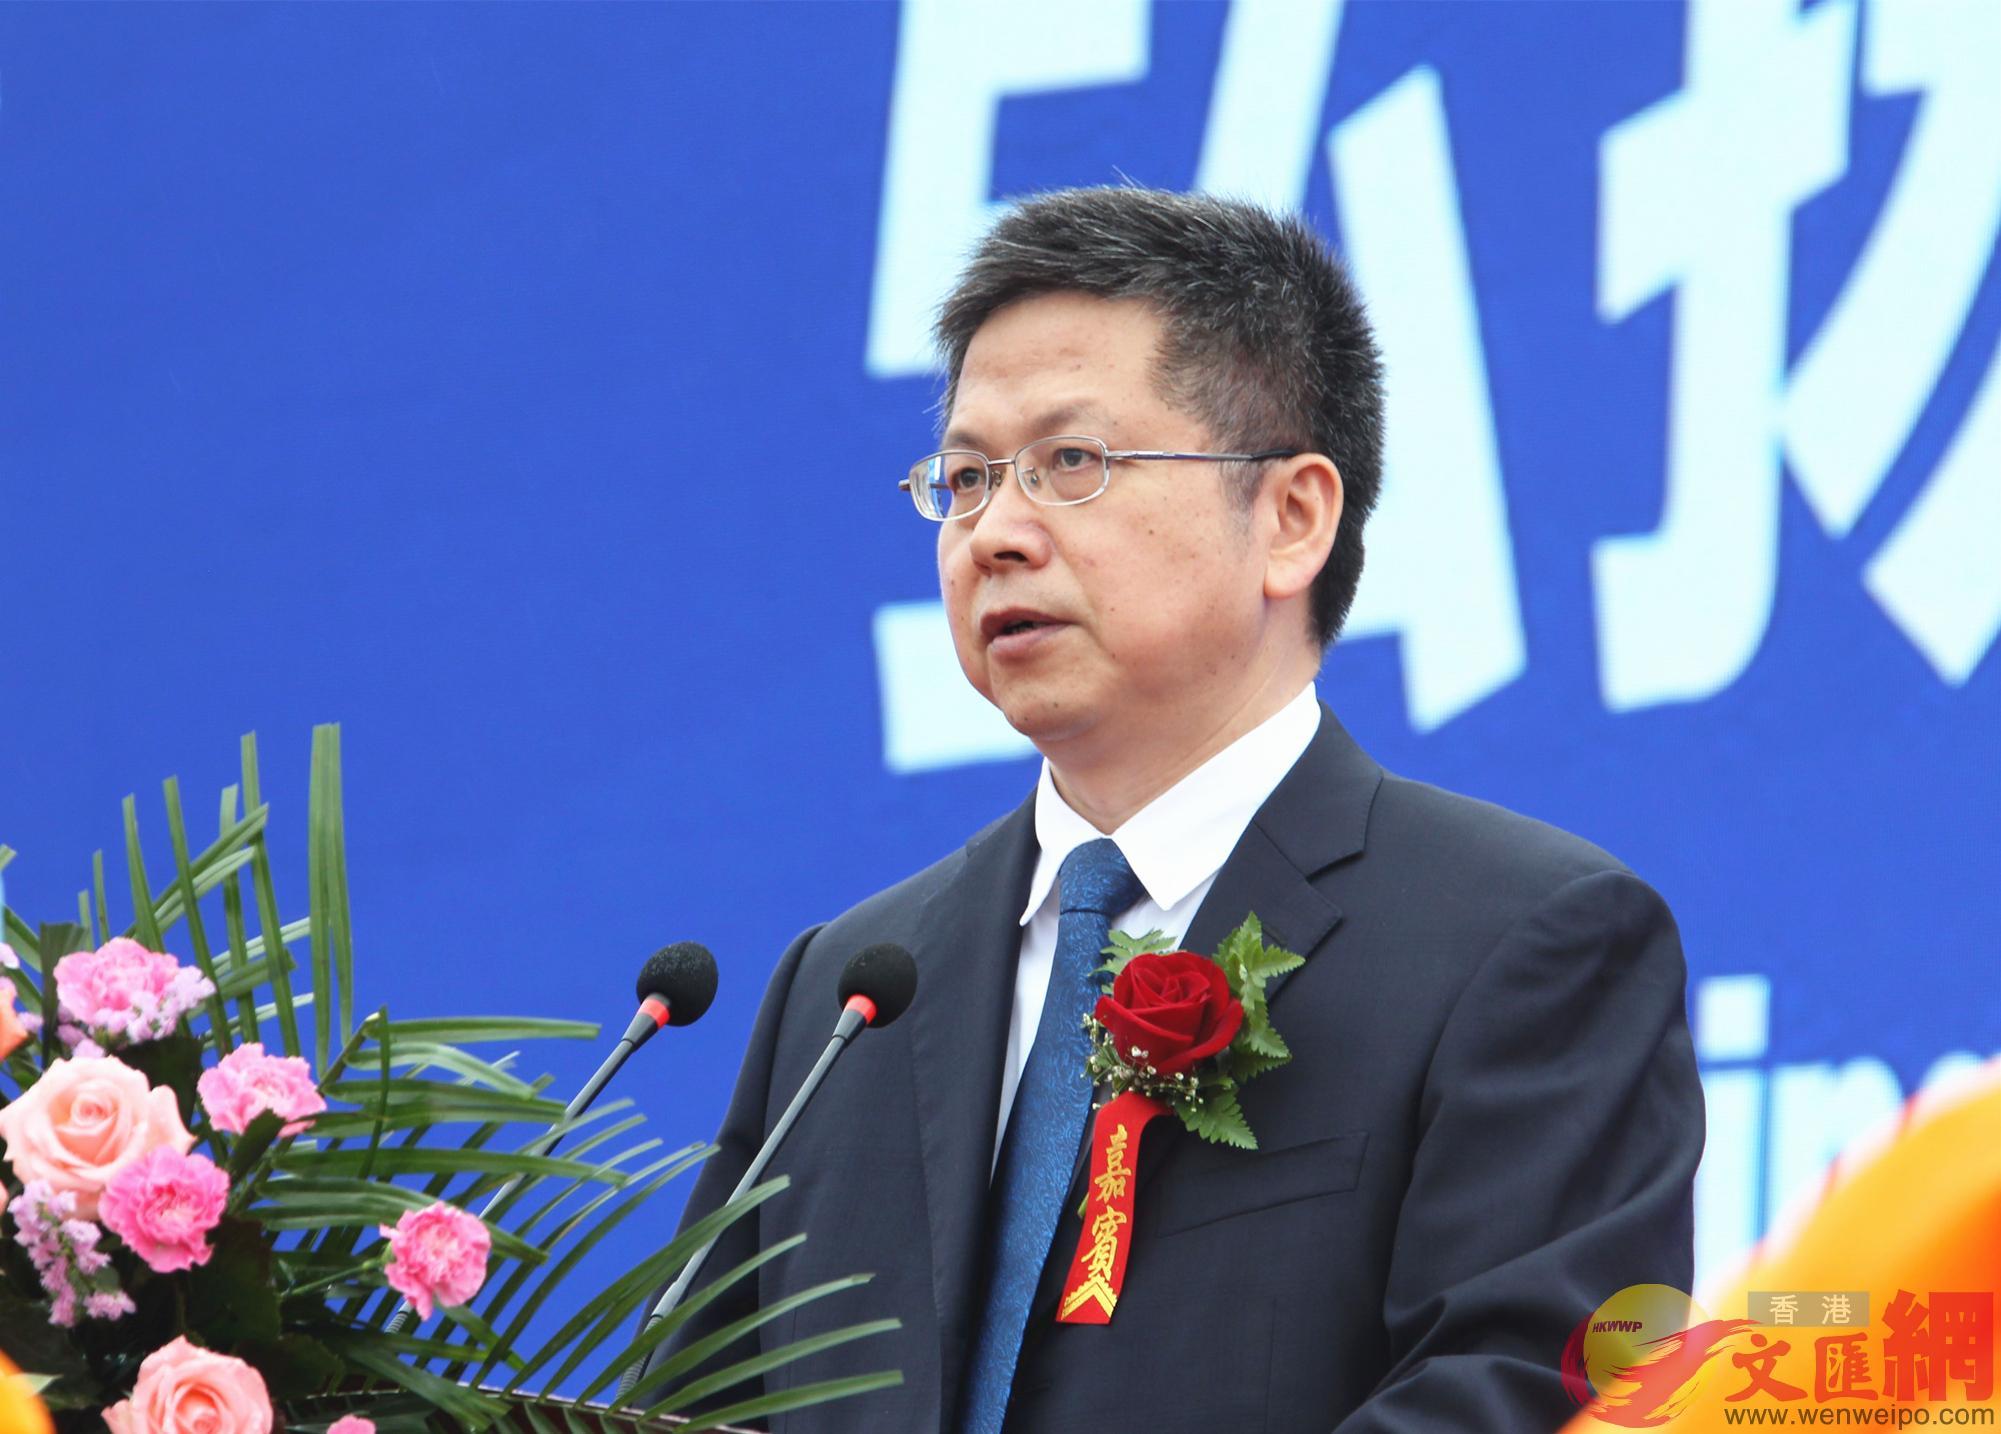 陝西省副省長方光華開幕式致辭。(記者李陽波攝)